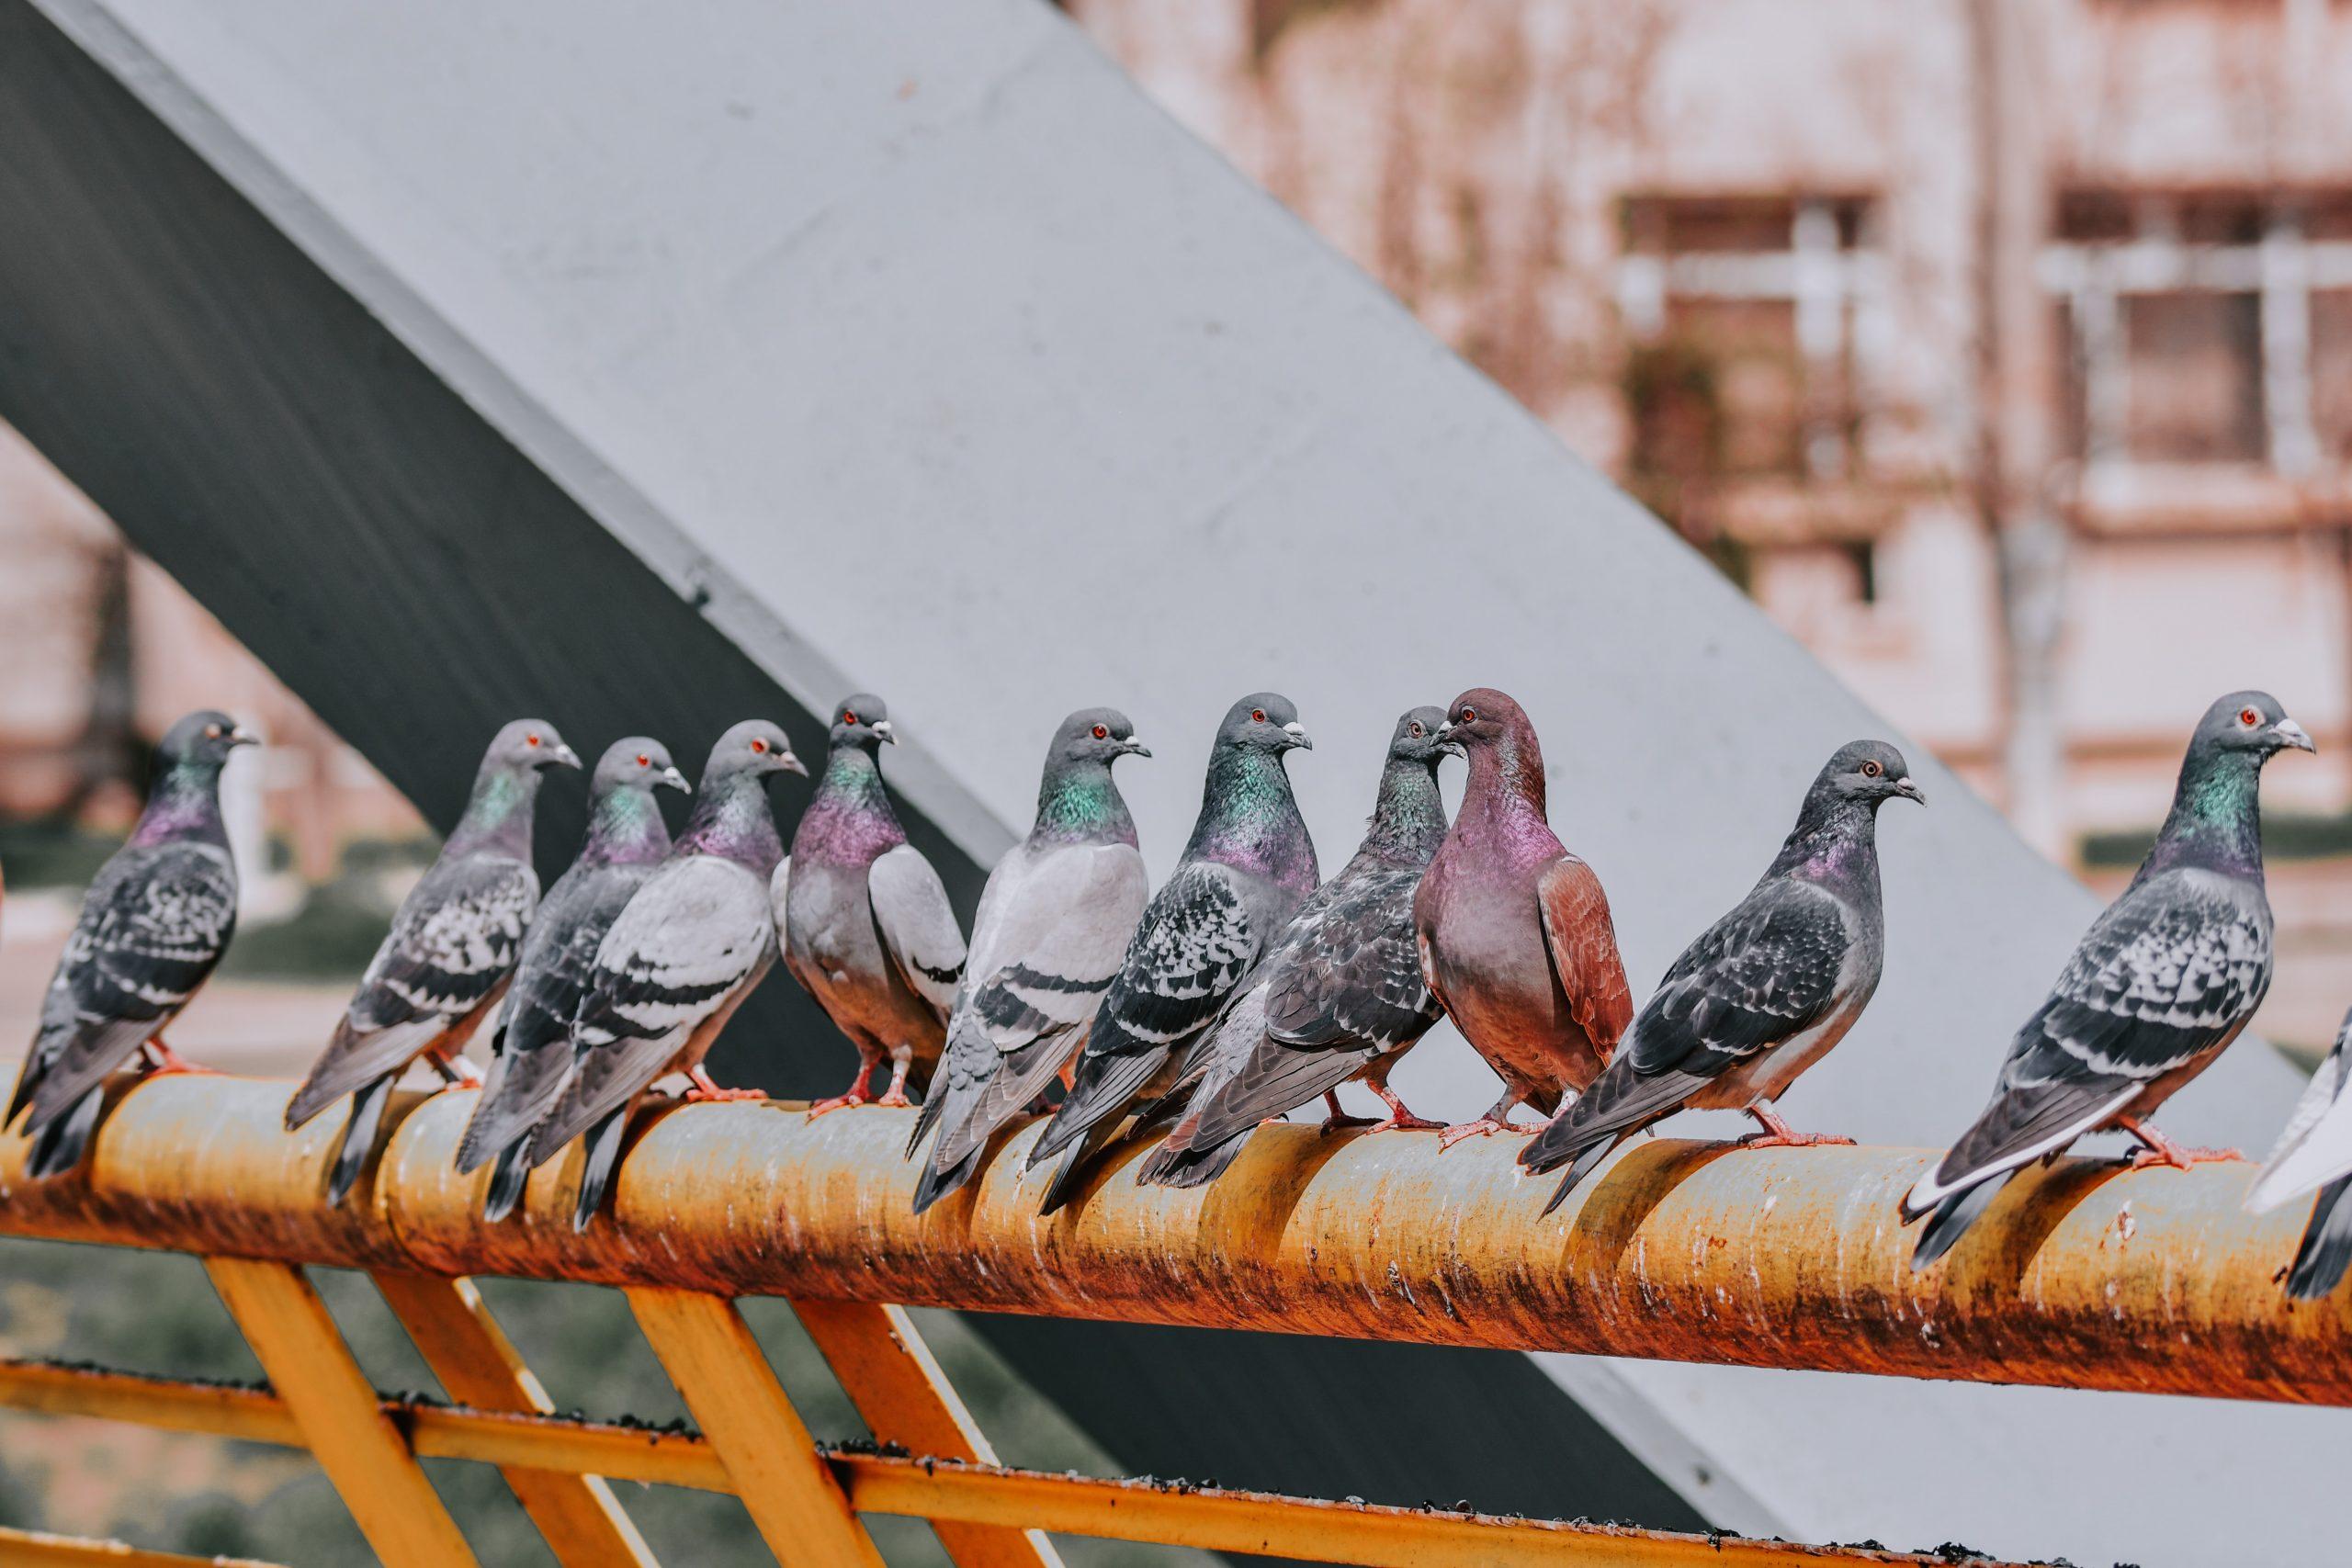 Bucureștiul le priește porumbeilor și ciorilor. De ce sunt, de fapt, tot mai multe păsări în Capitală